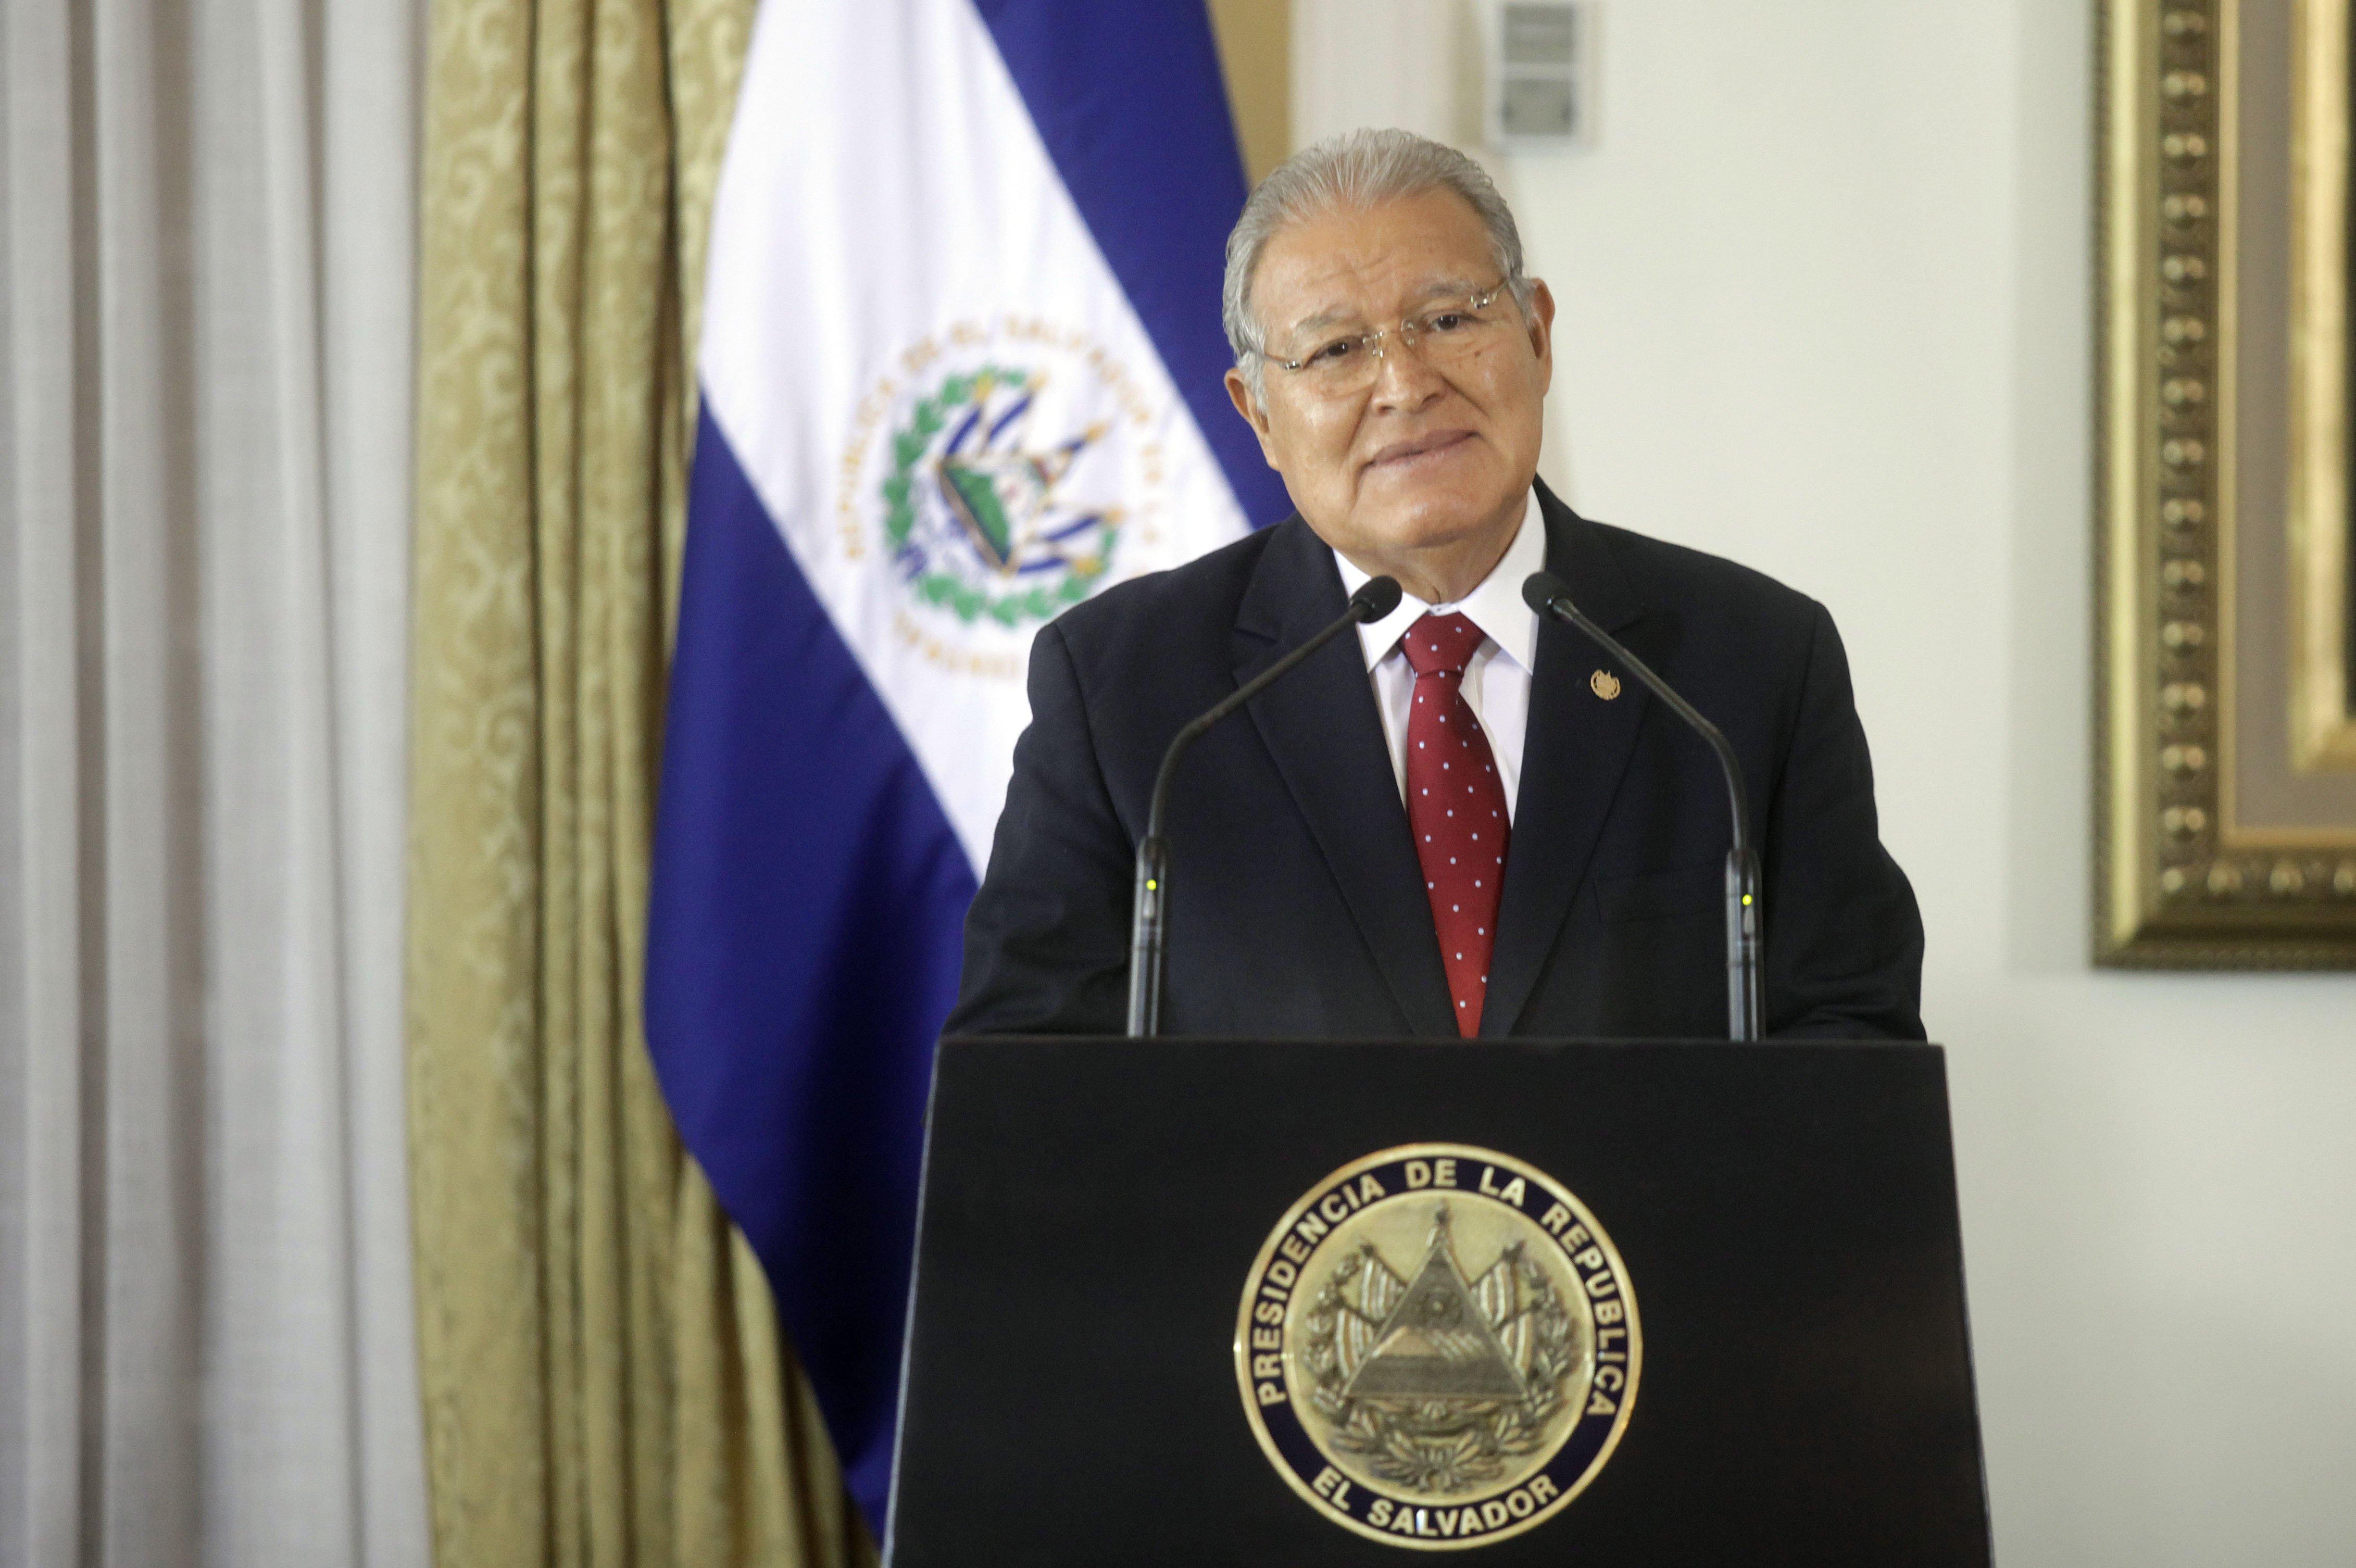 Сальвадор порвал дипломатические связи сТайванем ради Китая